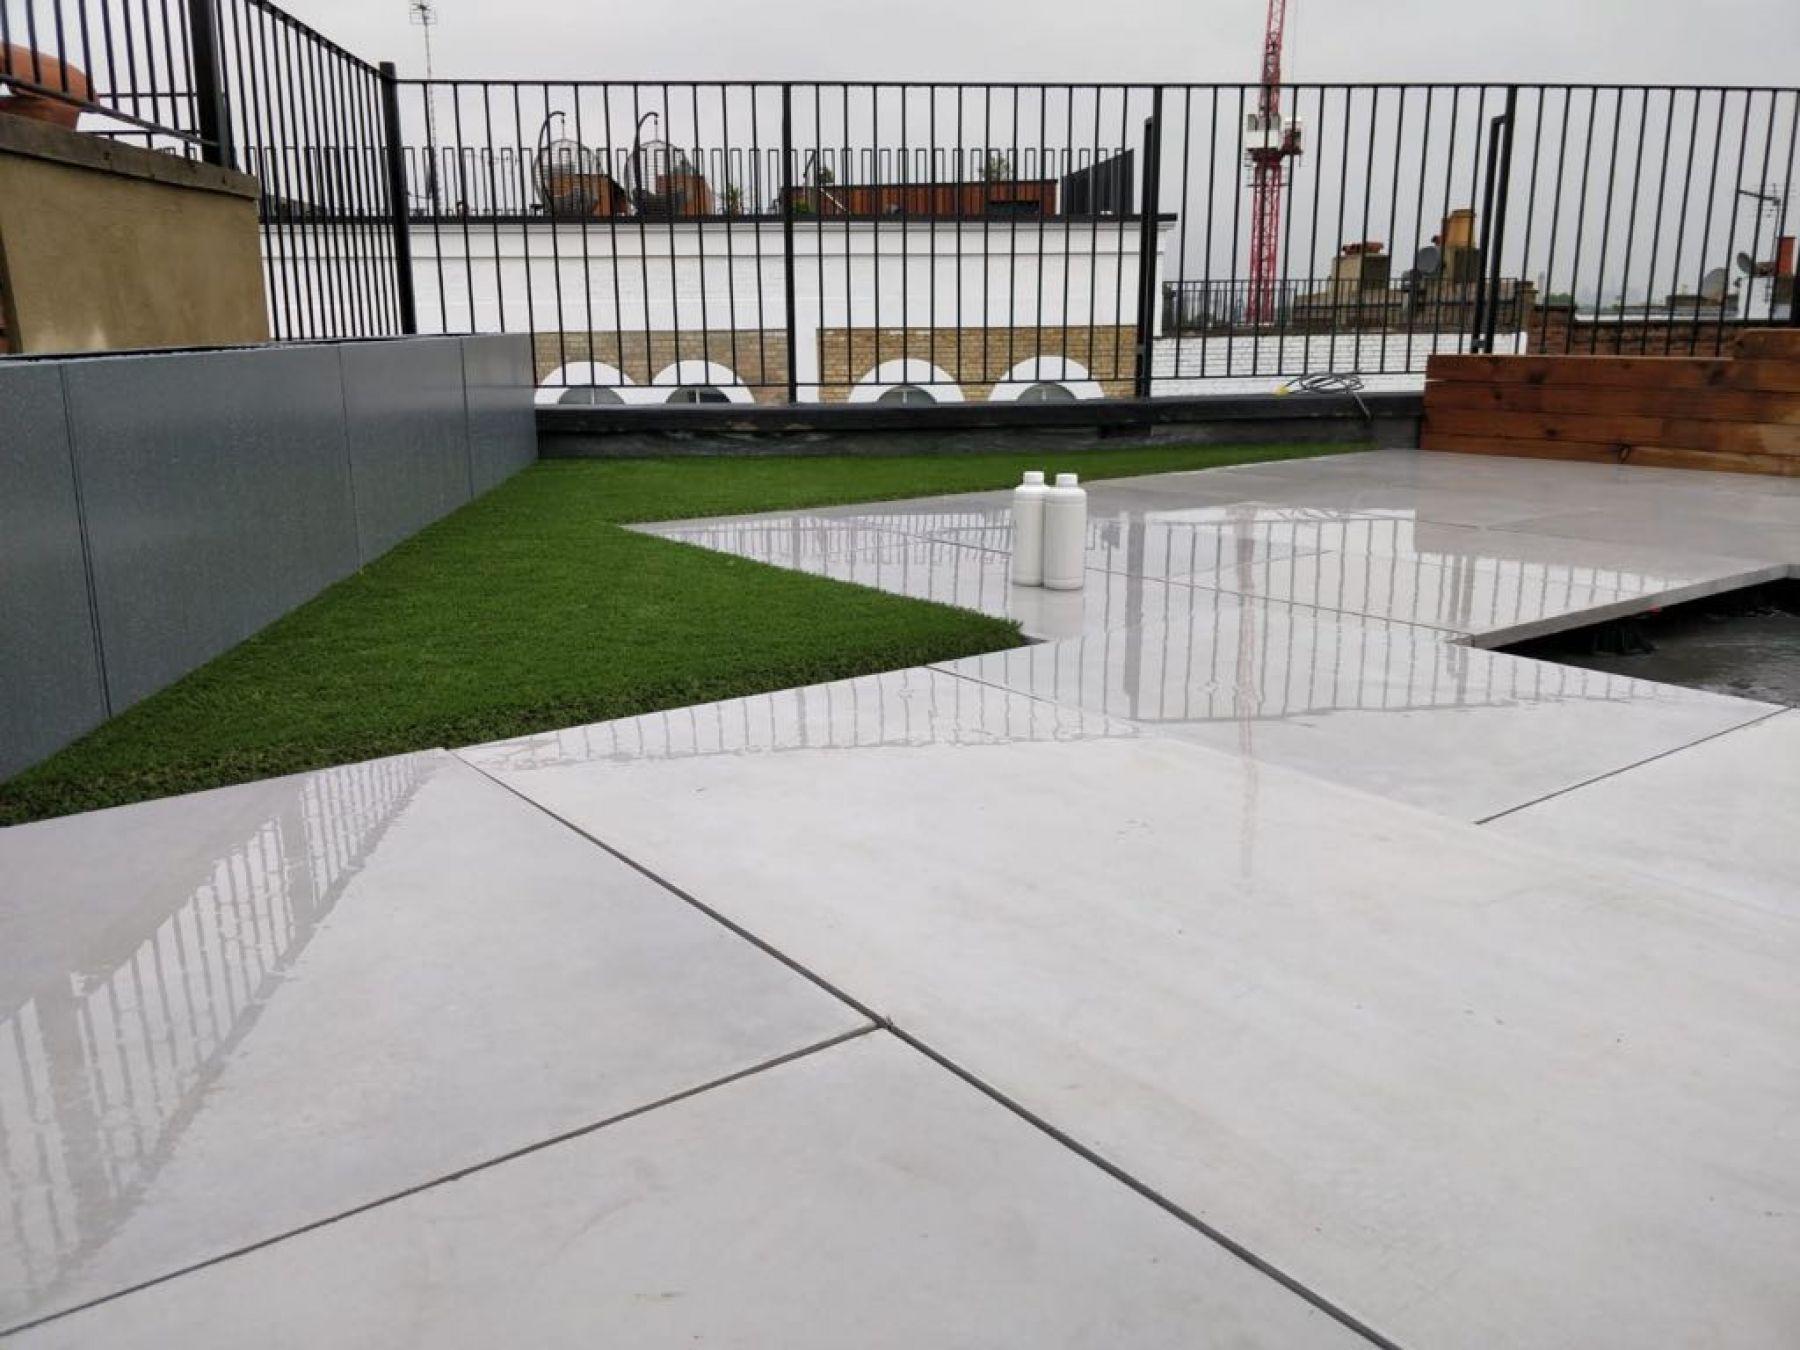 80 Cm X 80 Cm Płyta Tarasowa Ogrodowa Vhct Beton Architektoniczny